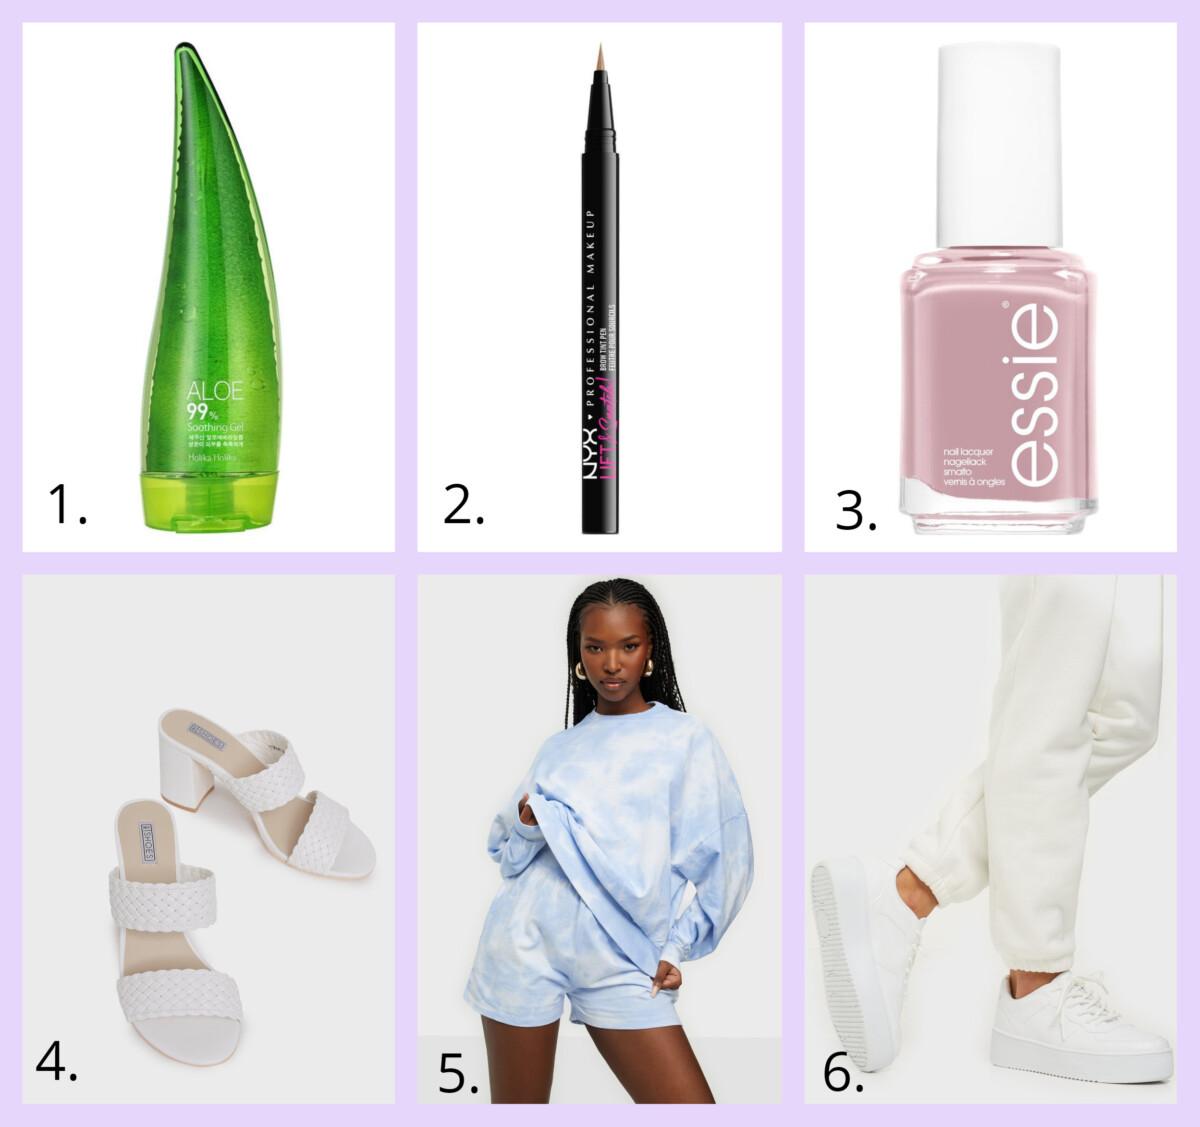 isalicious-isalicious1-isalicious.blogg.no-mote-trend-stil-blogg-blogger-outfit-antrekk-klær-innkjøp-wants-nellycom-blivakker-nelly-